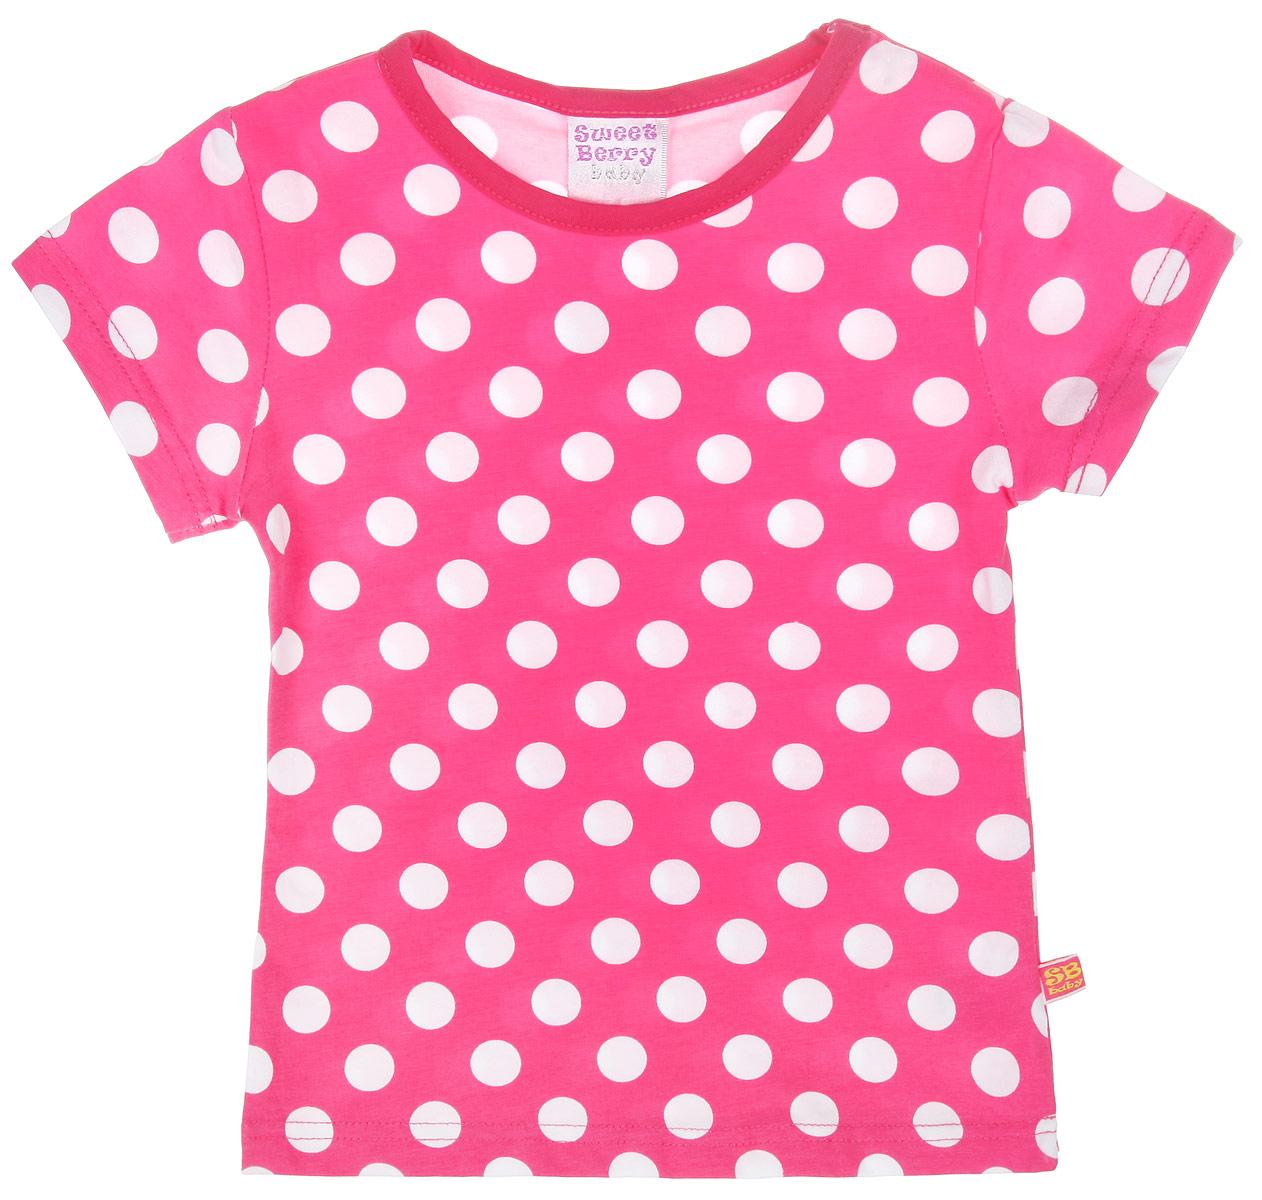 Футболка для девочки. 195217195217Очаровательная футболка для девочки Sweet Berry идеально подойдет вашей дочурке. Изготовленная из хлопка с небольшим добавлением эластана, она необычайно мягкая и приятная на ощупь, не сковывает движения и позволяет коже дышать, не раздражает даже самую нежную и чувствительную кожу ребенка, обеспечивая ему наибольший комфорт. Яркая футболка трапециевидного кроя с круглым вырезом горловины оформлена принтом горох. Вырез горловины обработан трикотажной окантовкой. Оригинальный современный дизайн и расцветка делают эту футболку модным и стильным предметом детского гардероба. В ней ваша маленькая принцесса будет чувствовать себя уютно и комфортно и всегда будет в центре внимания!